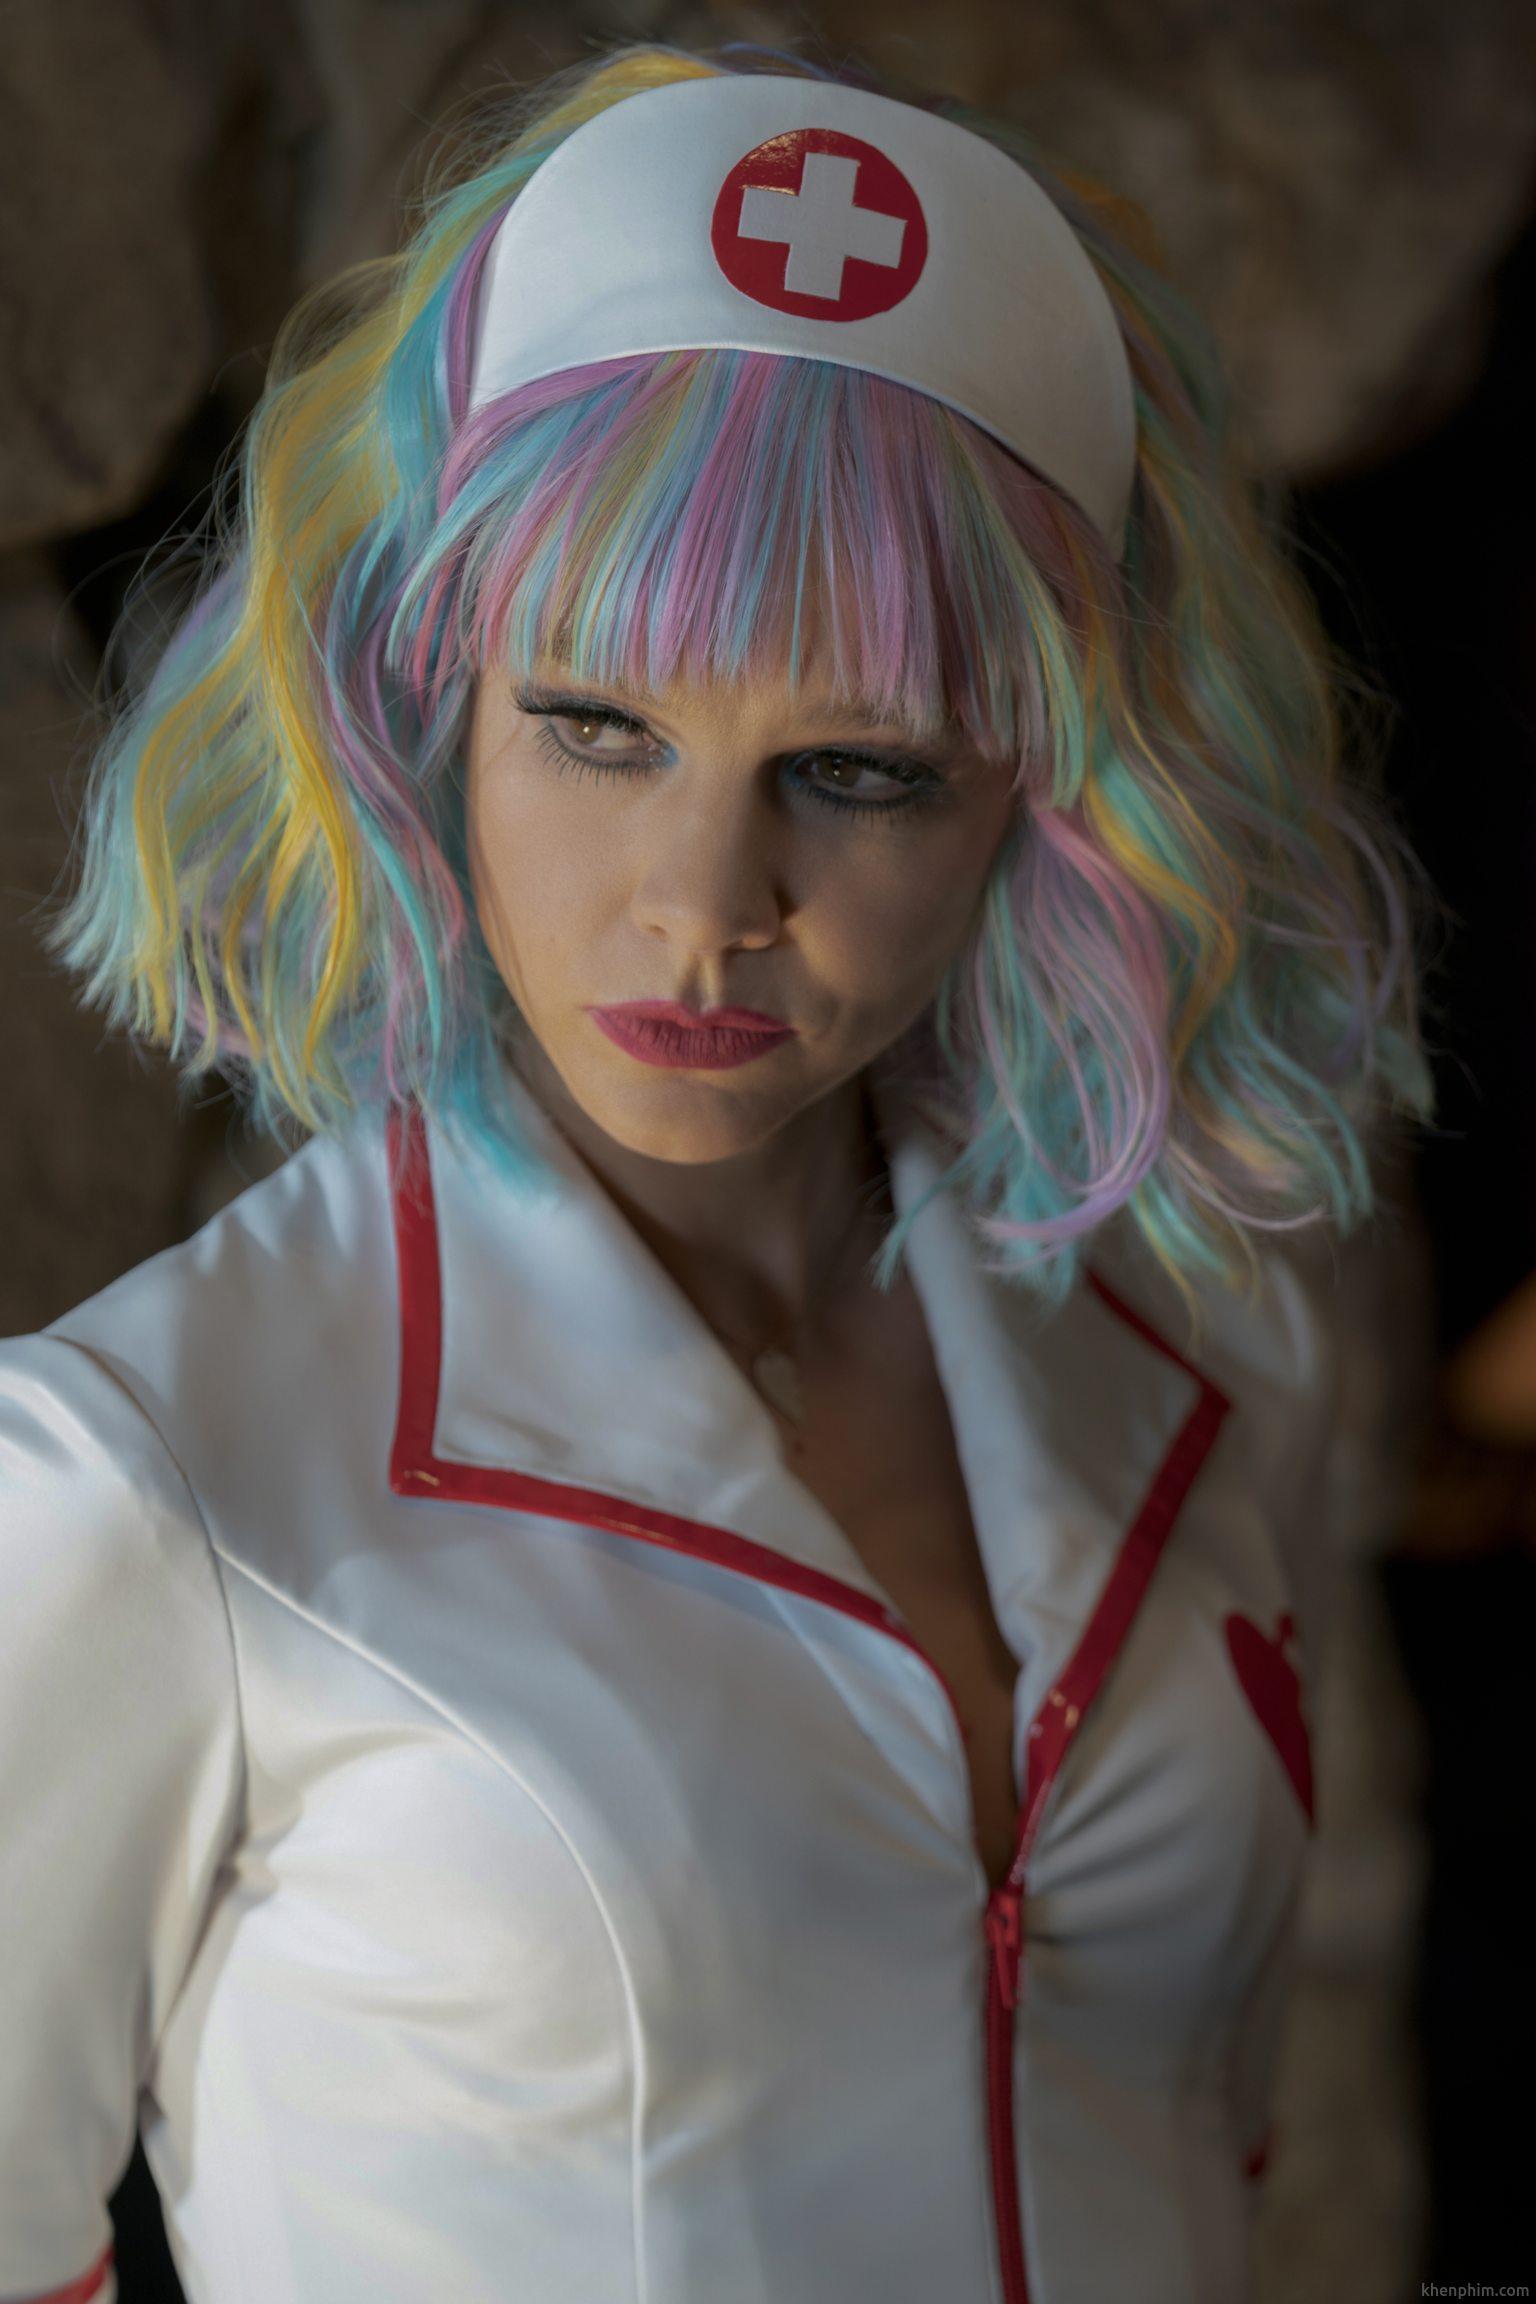 Màn hóa thân thành y tá đẹp và nguy hiểm của nữ chính - phim Cô Gái Trẻ Hứa Hẹn (Promising Young Woman)